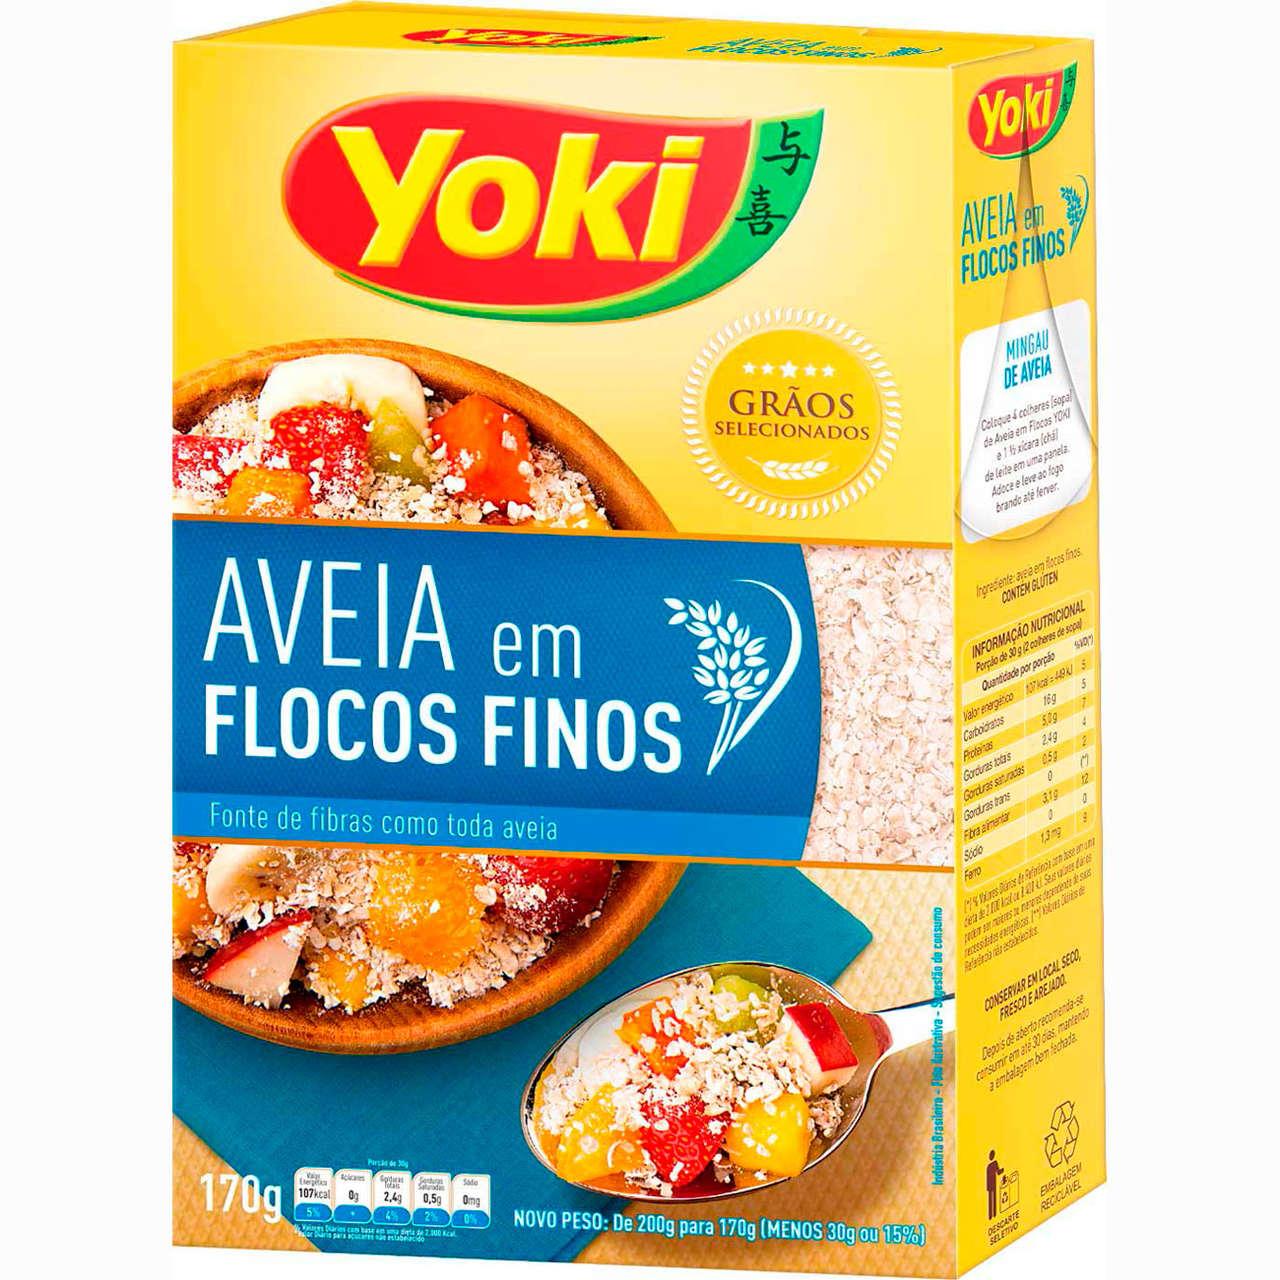 AVEIA EM FLOCOS FINOS YOKI 170 G